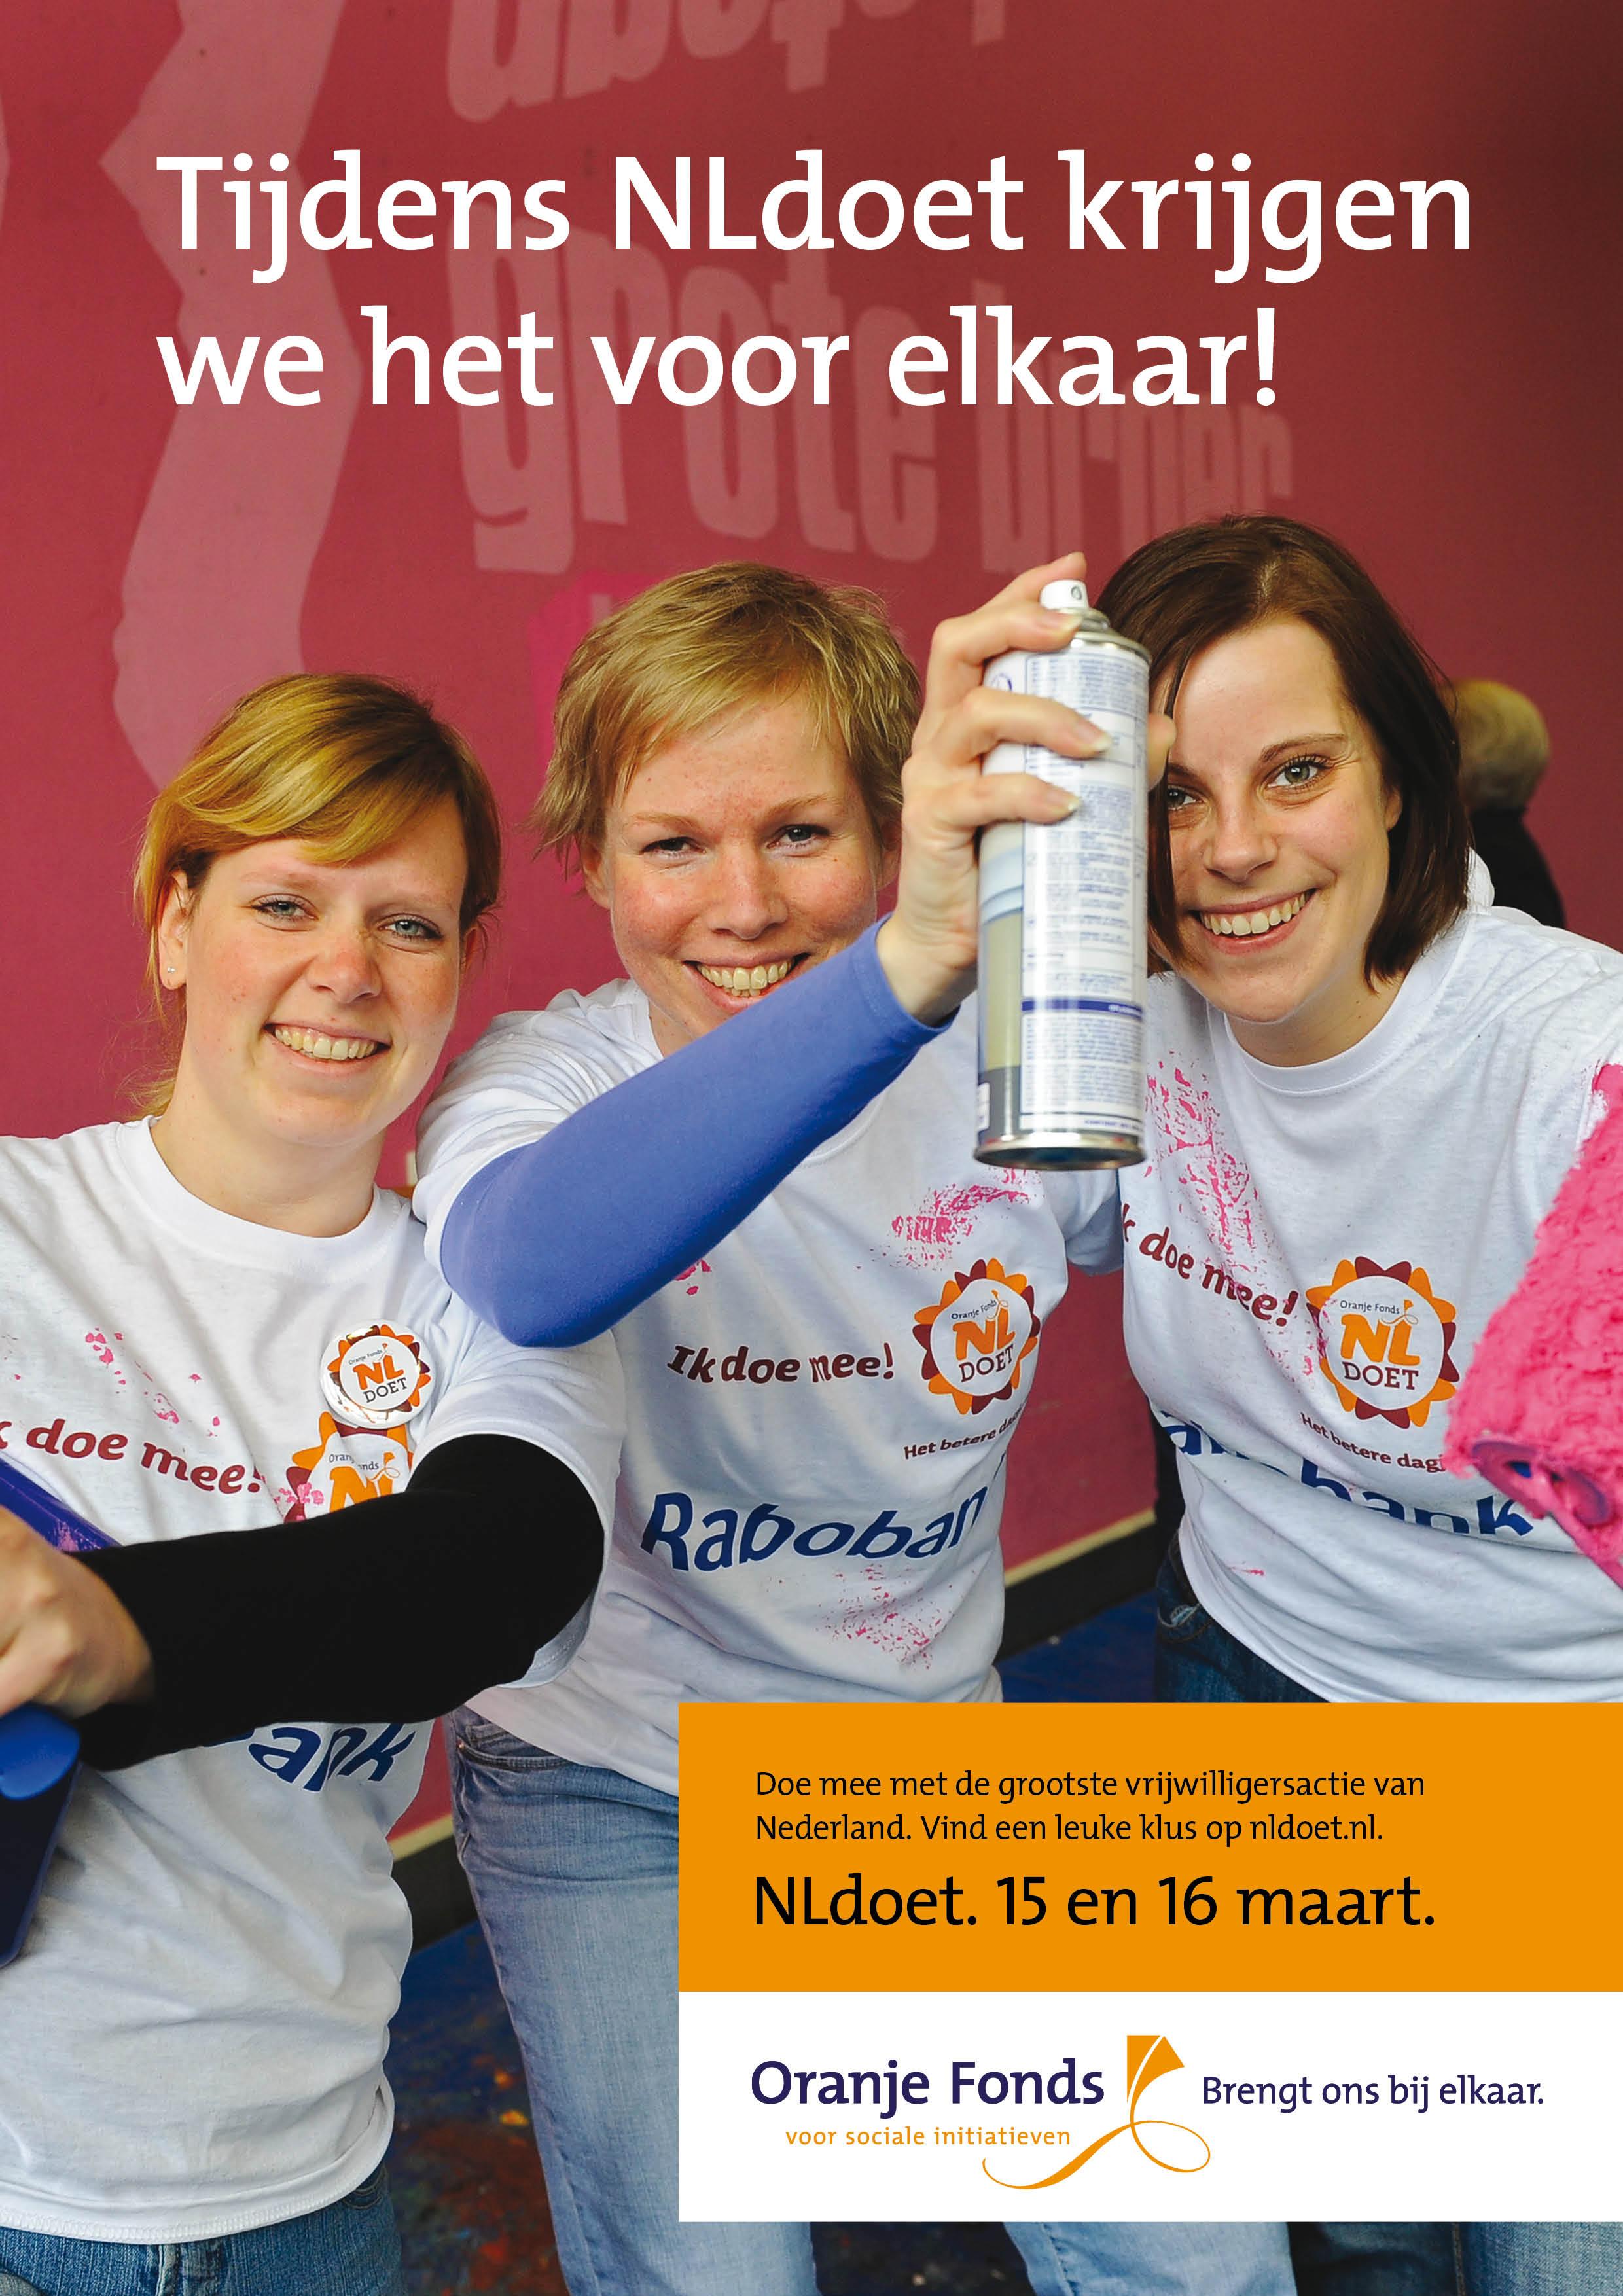 NLdoet posters | © Romijn Design